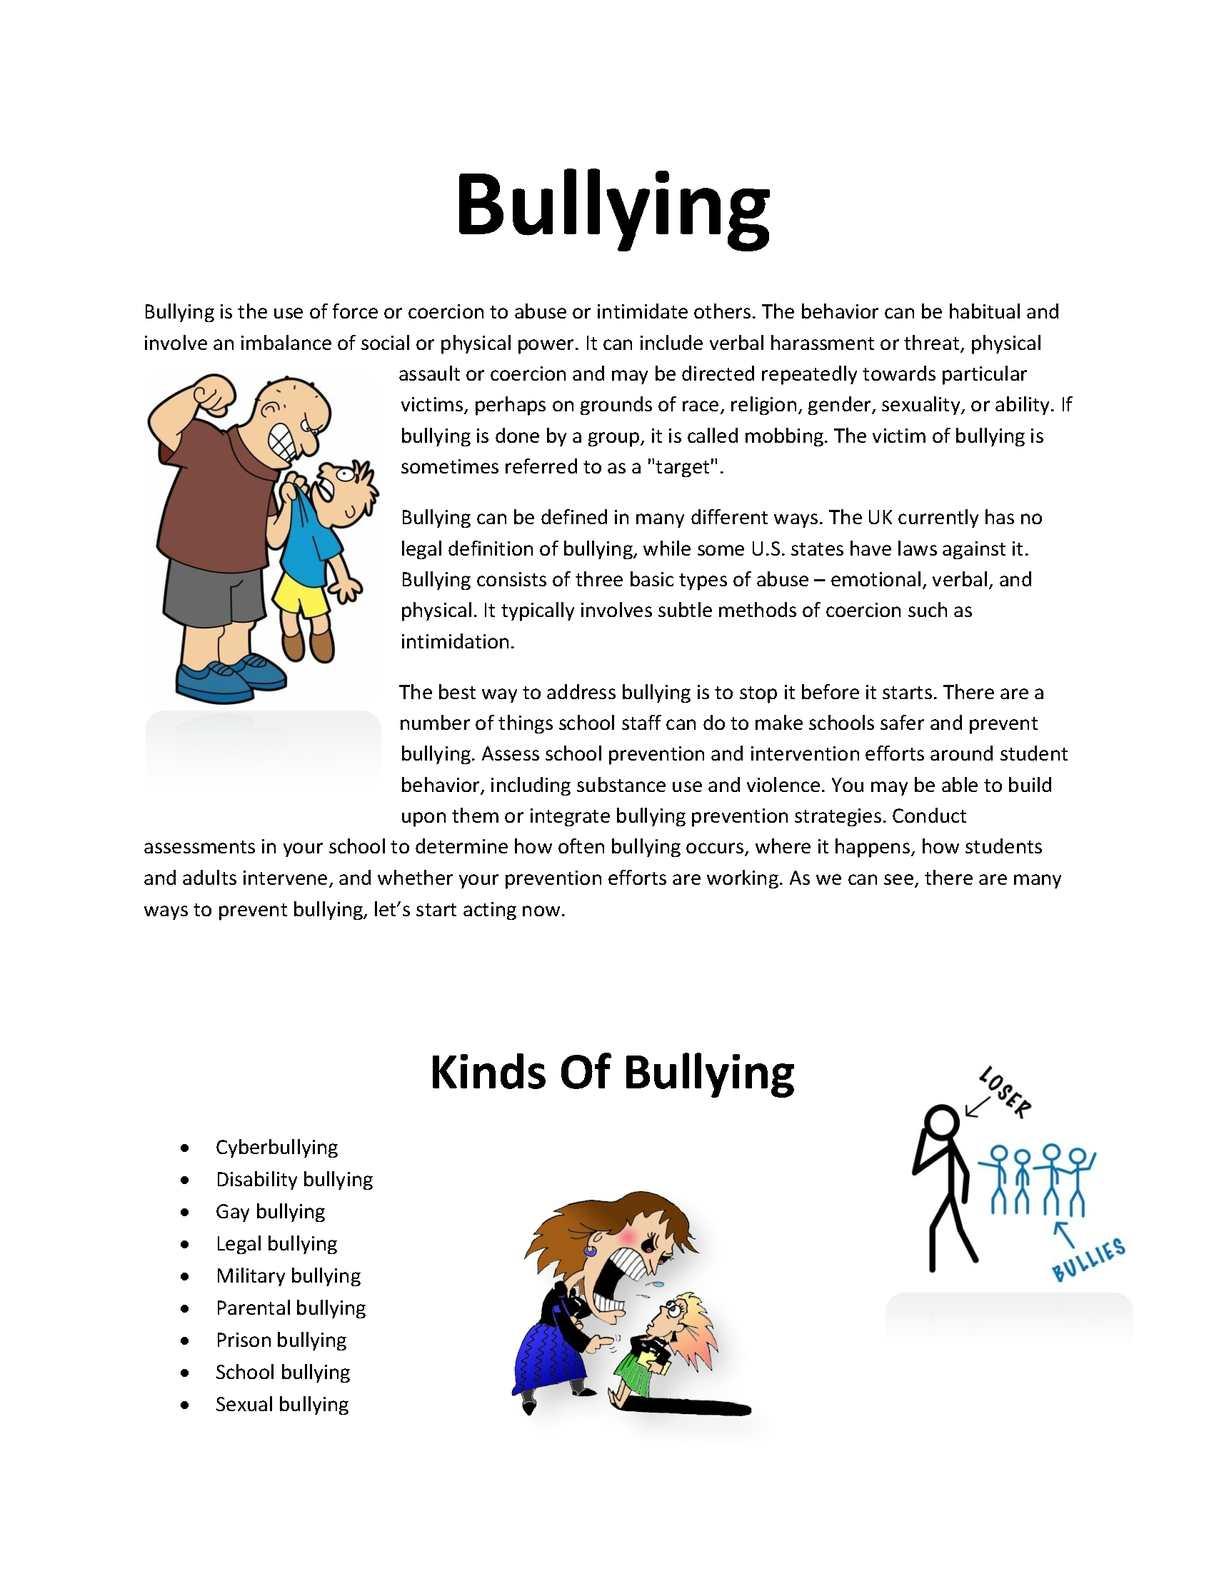 Calaméo - Bullying